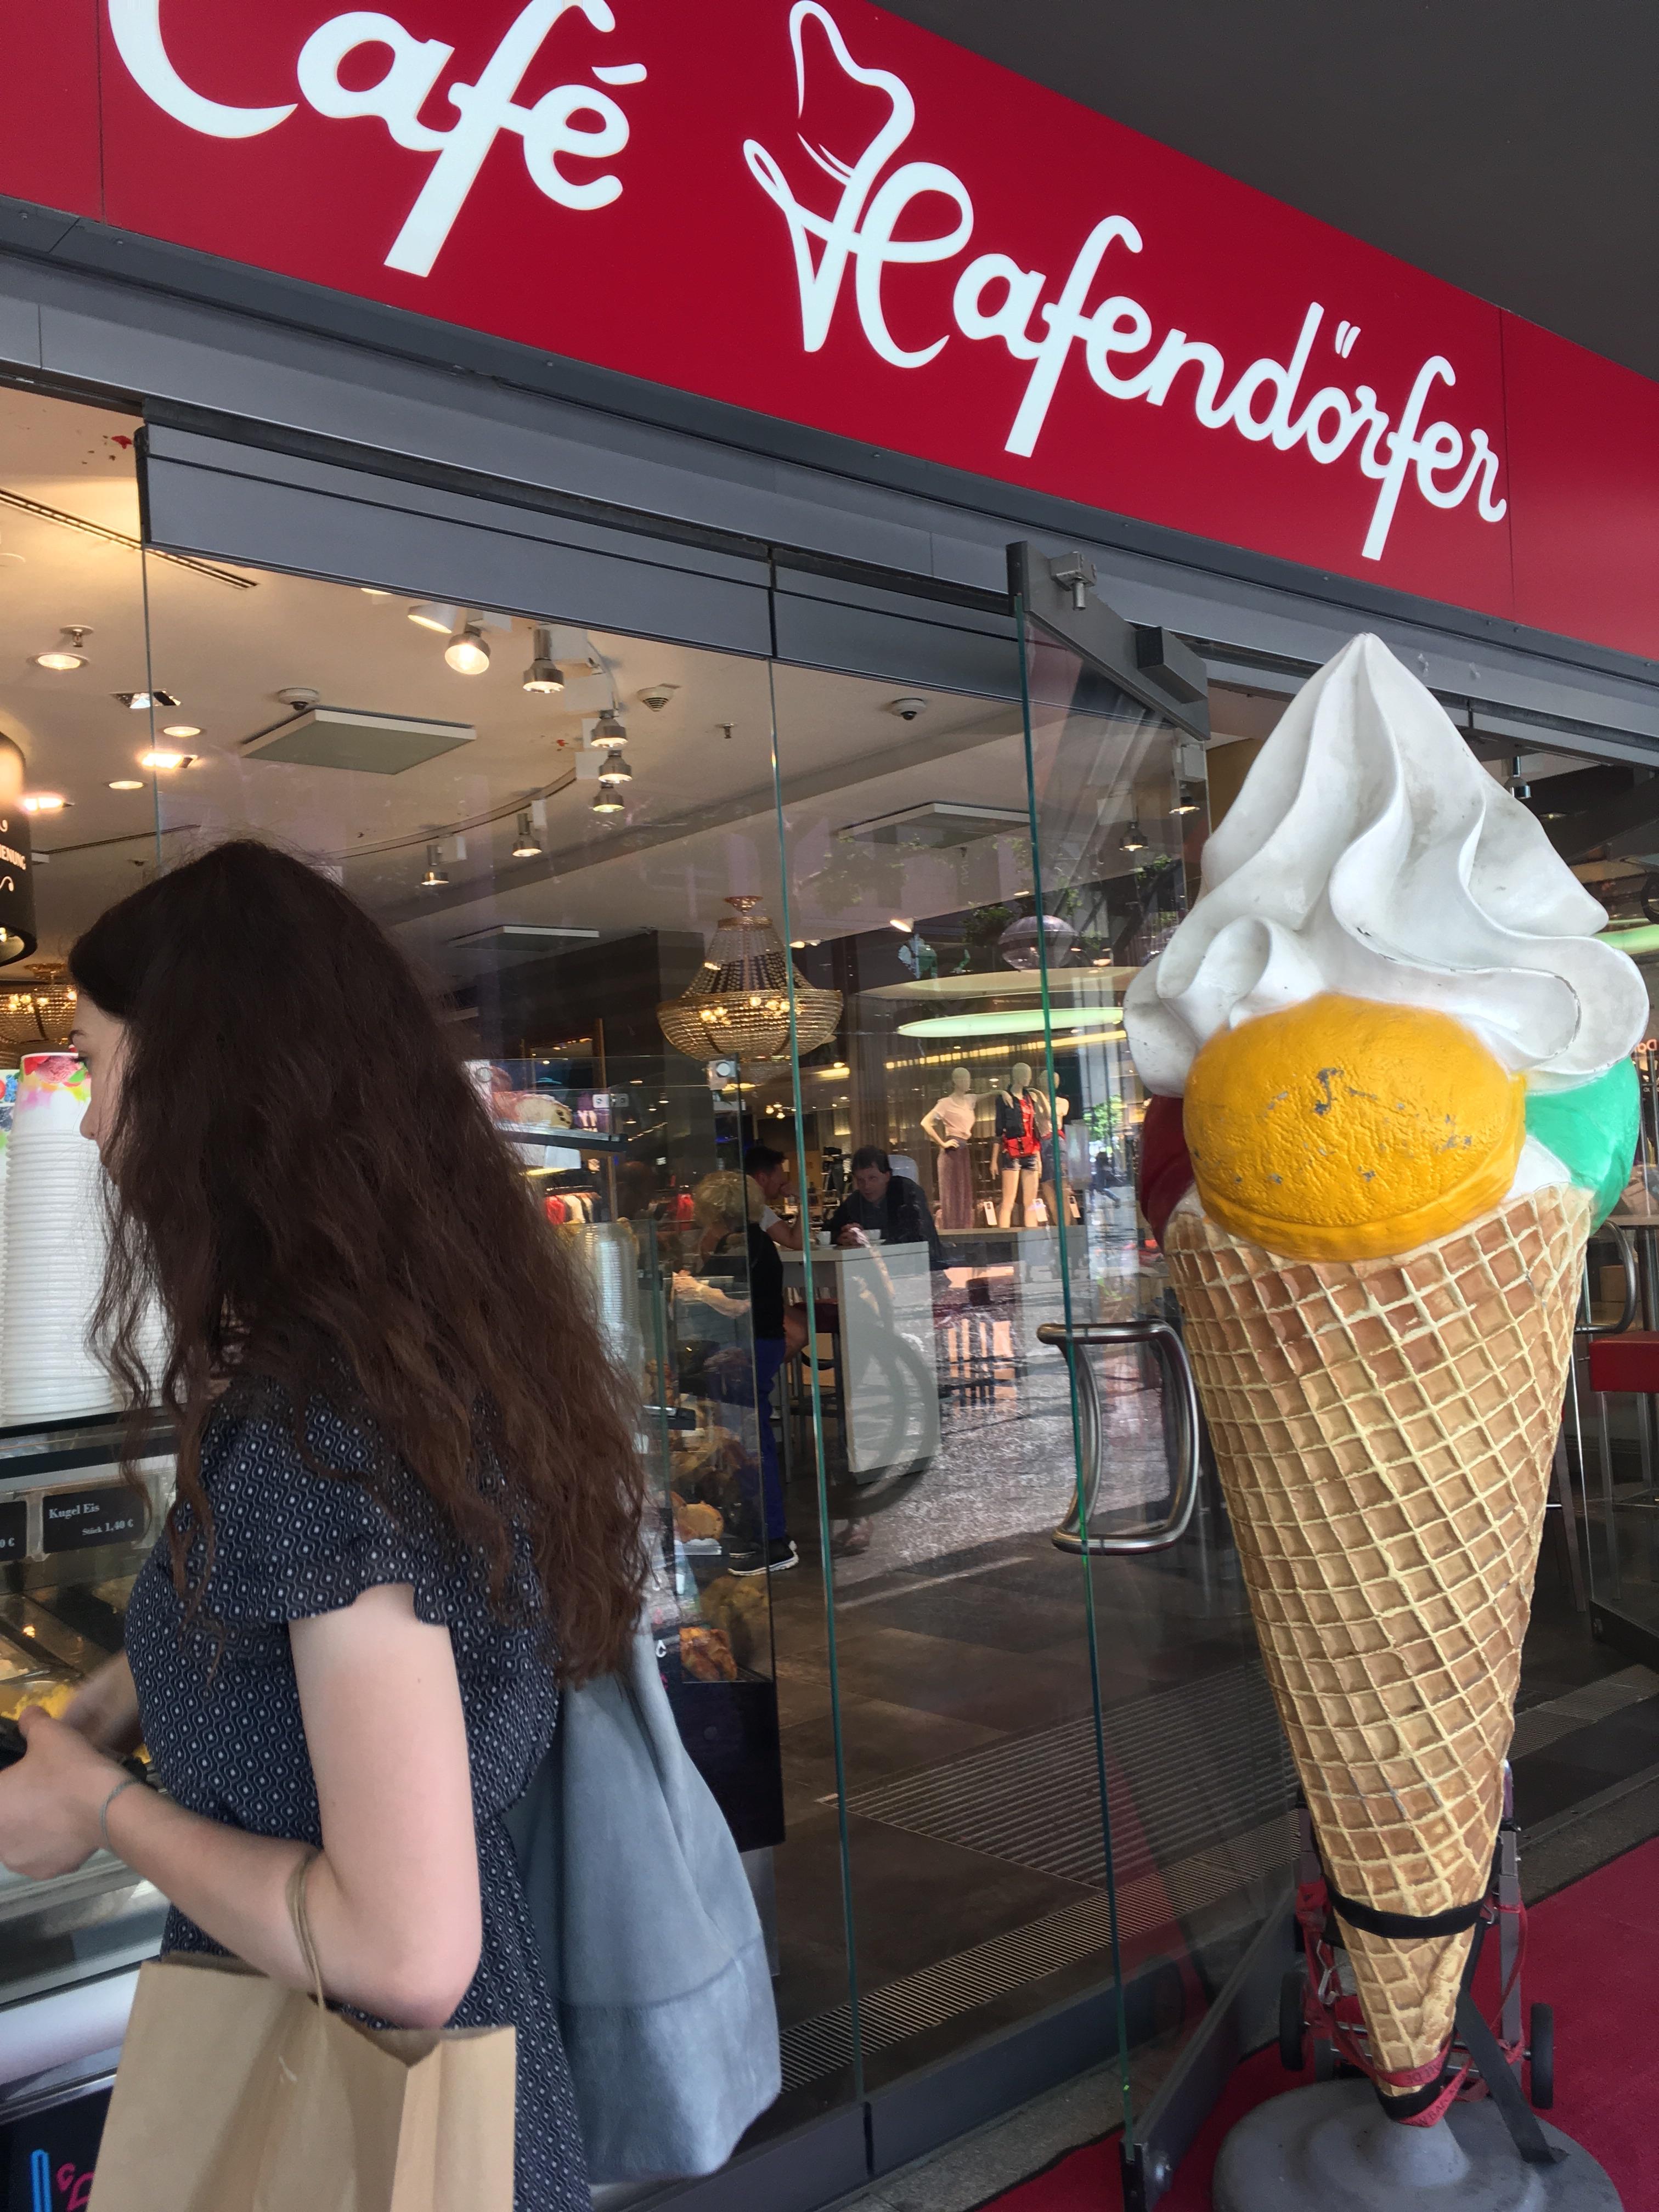 Café Hafendörfer Yeans Halle店